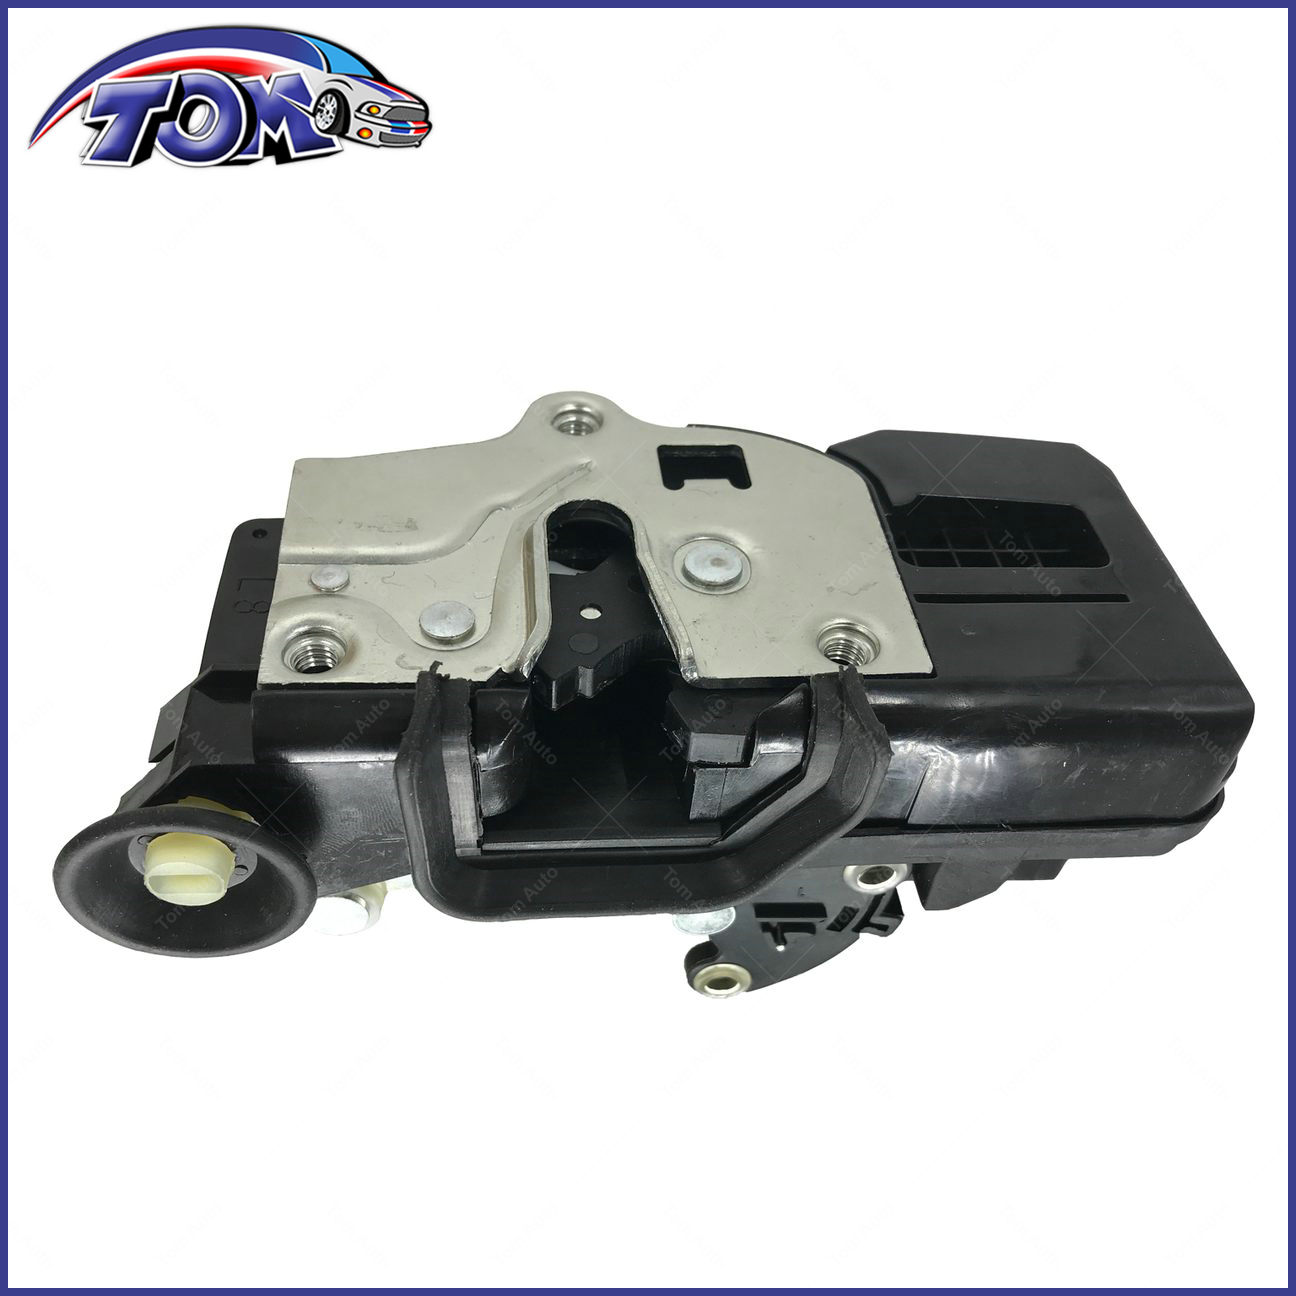 Door Lock Actuator Motor Rear Left Fits 03-07 Cadillac CTS SRX 931-397